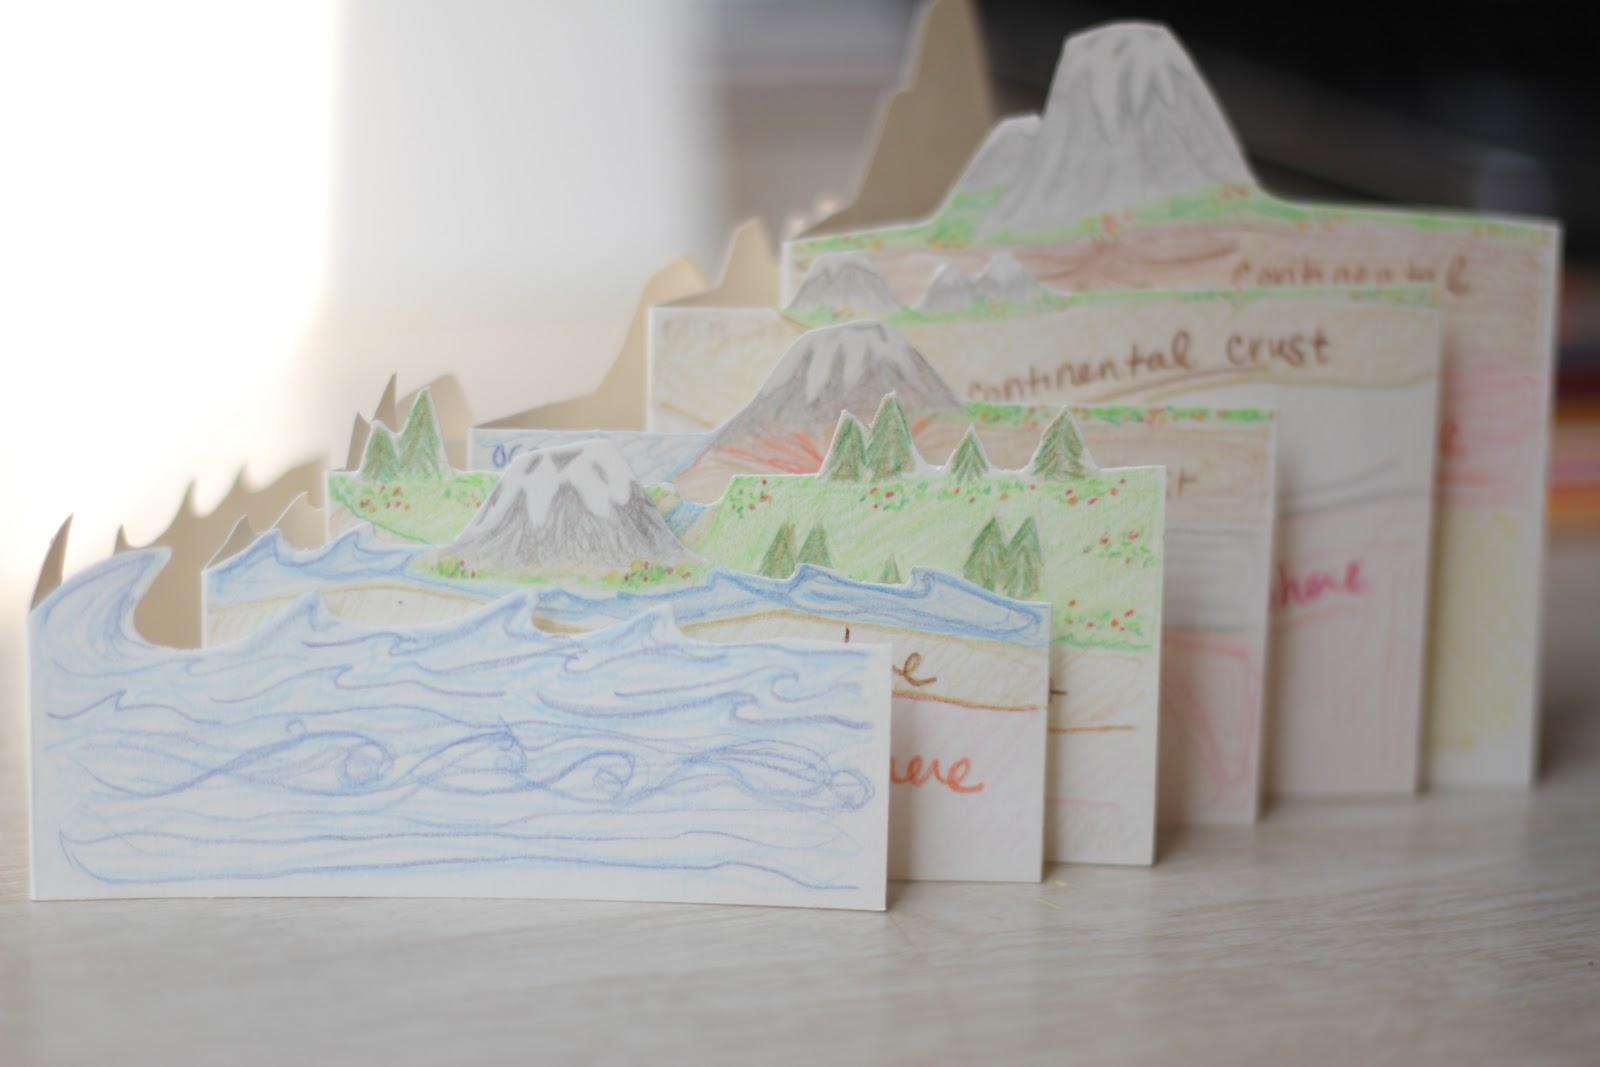 Plate tectonics essay